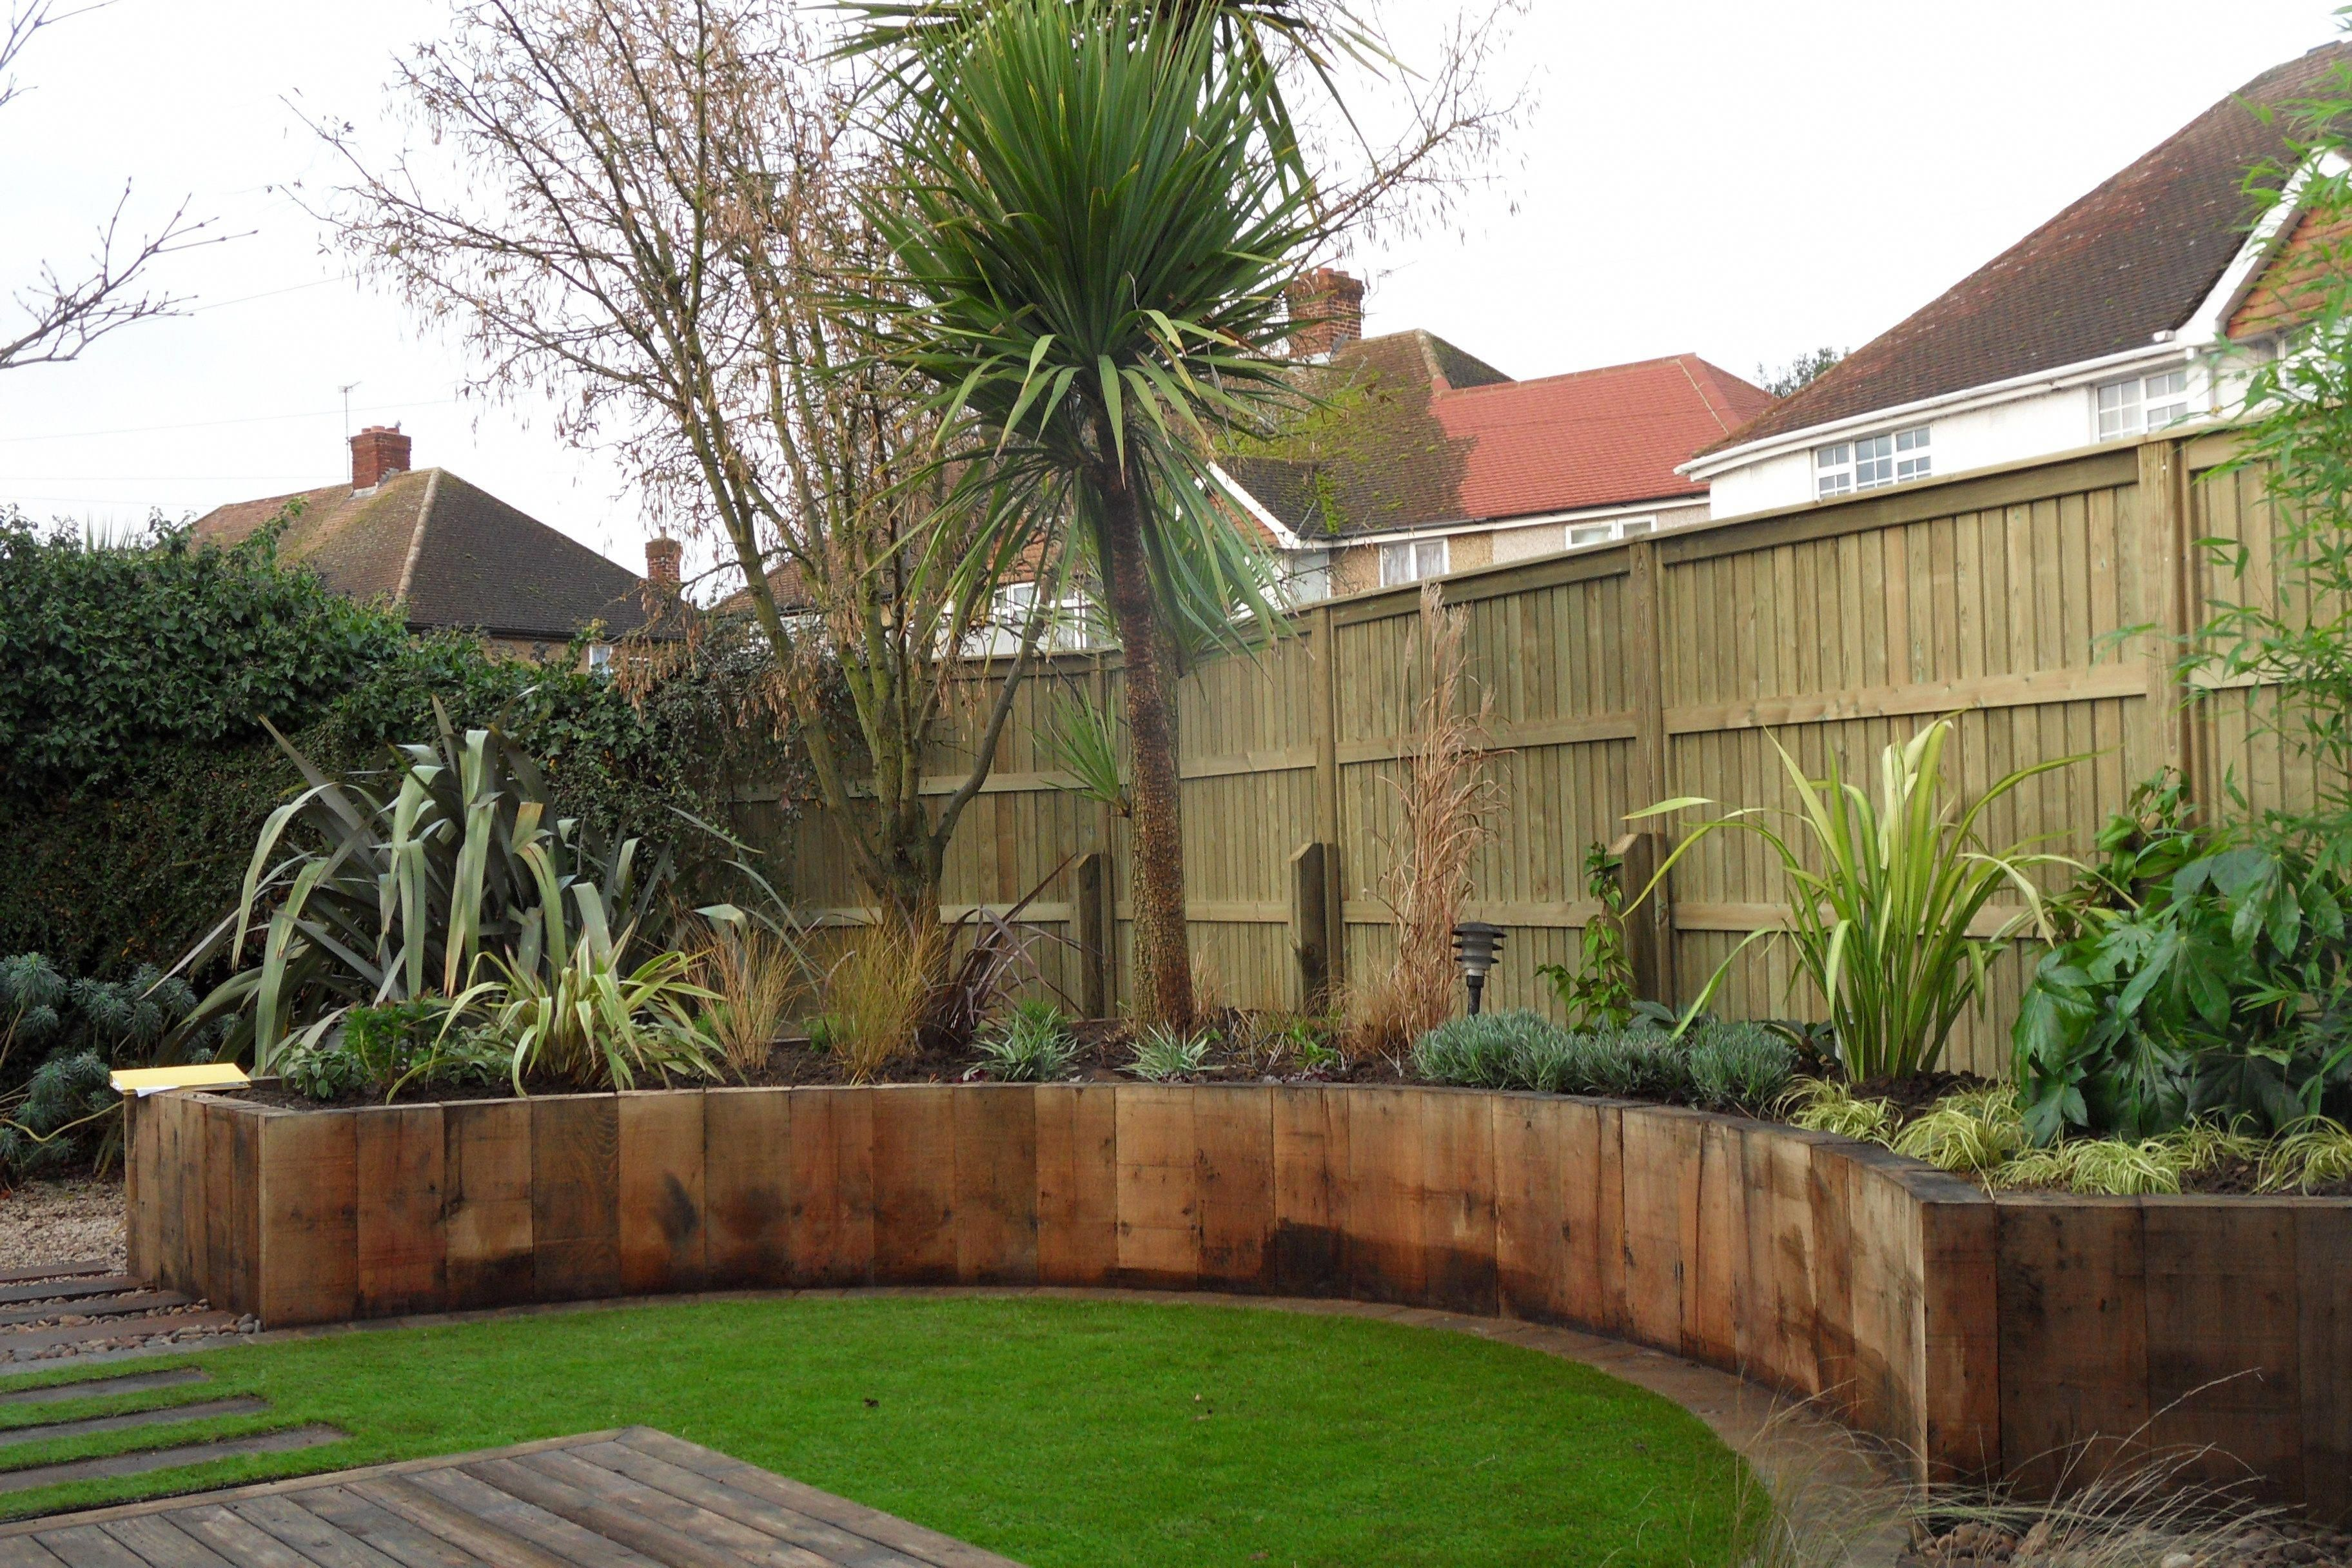 Landscape Gardening Course Leeds Outdoor Gardens Design Garden Spaces Contemporary Garden Design